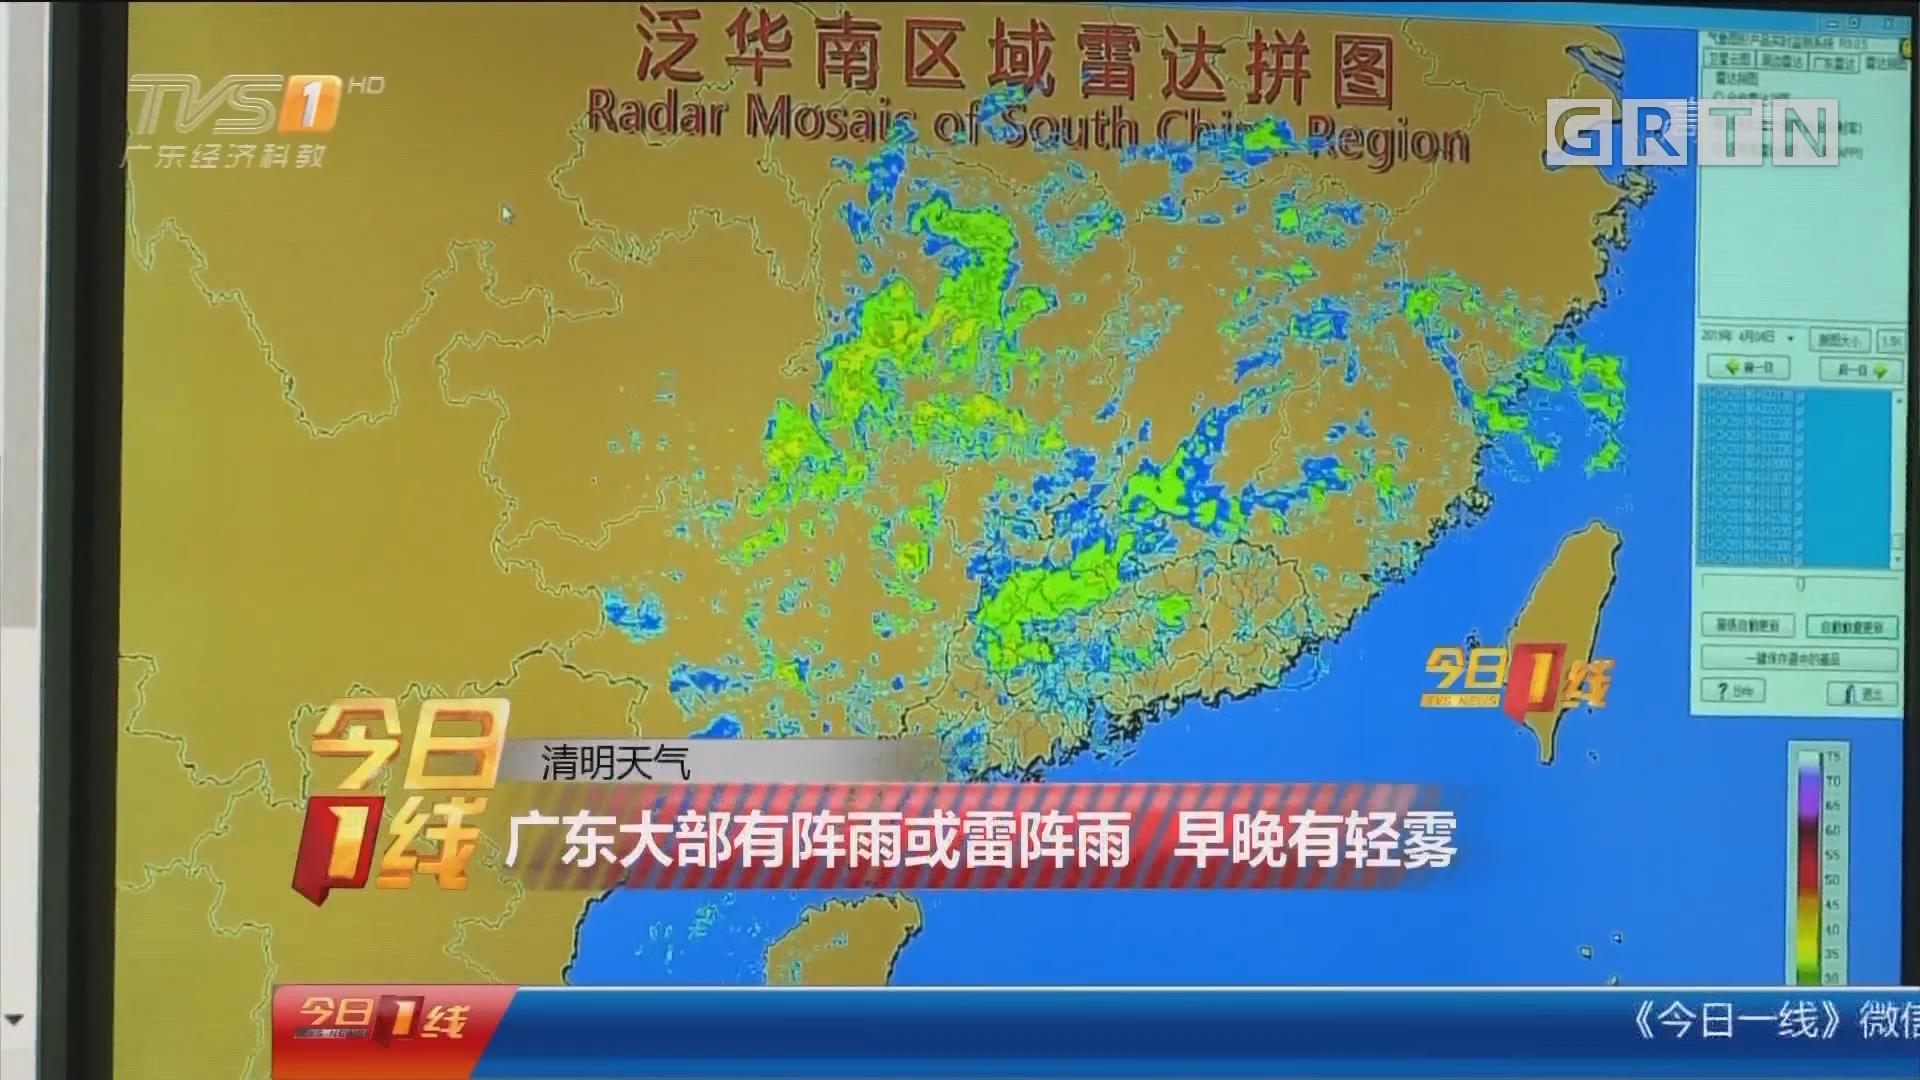 清明天气:广东大部有阵雨或雷阵雨 早晚有轻雾